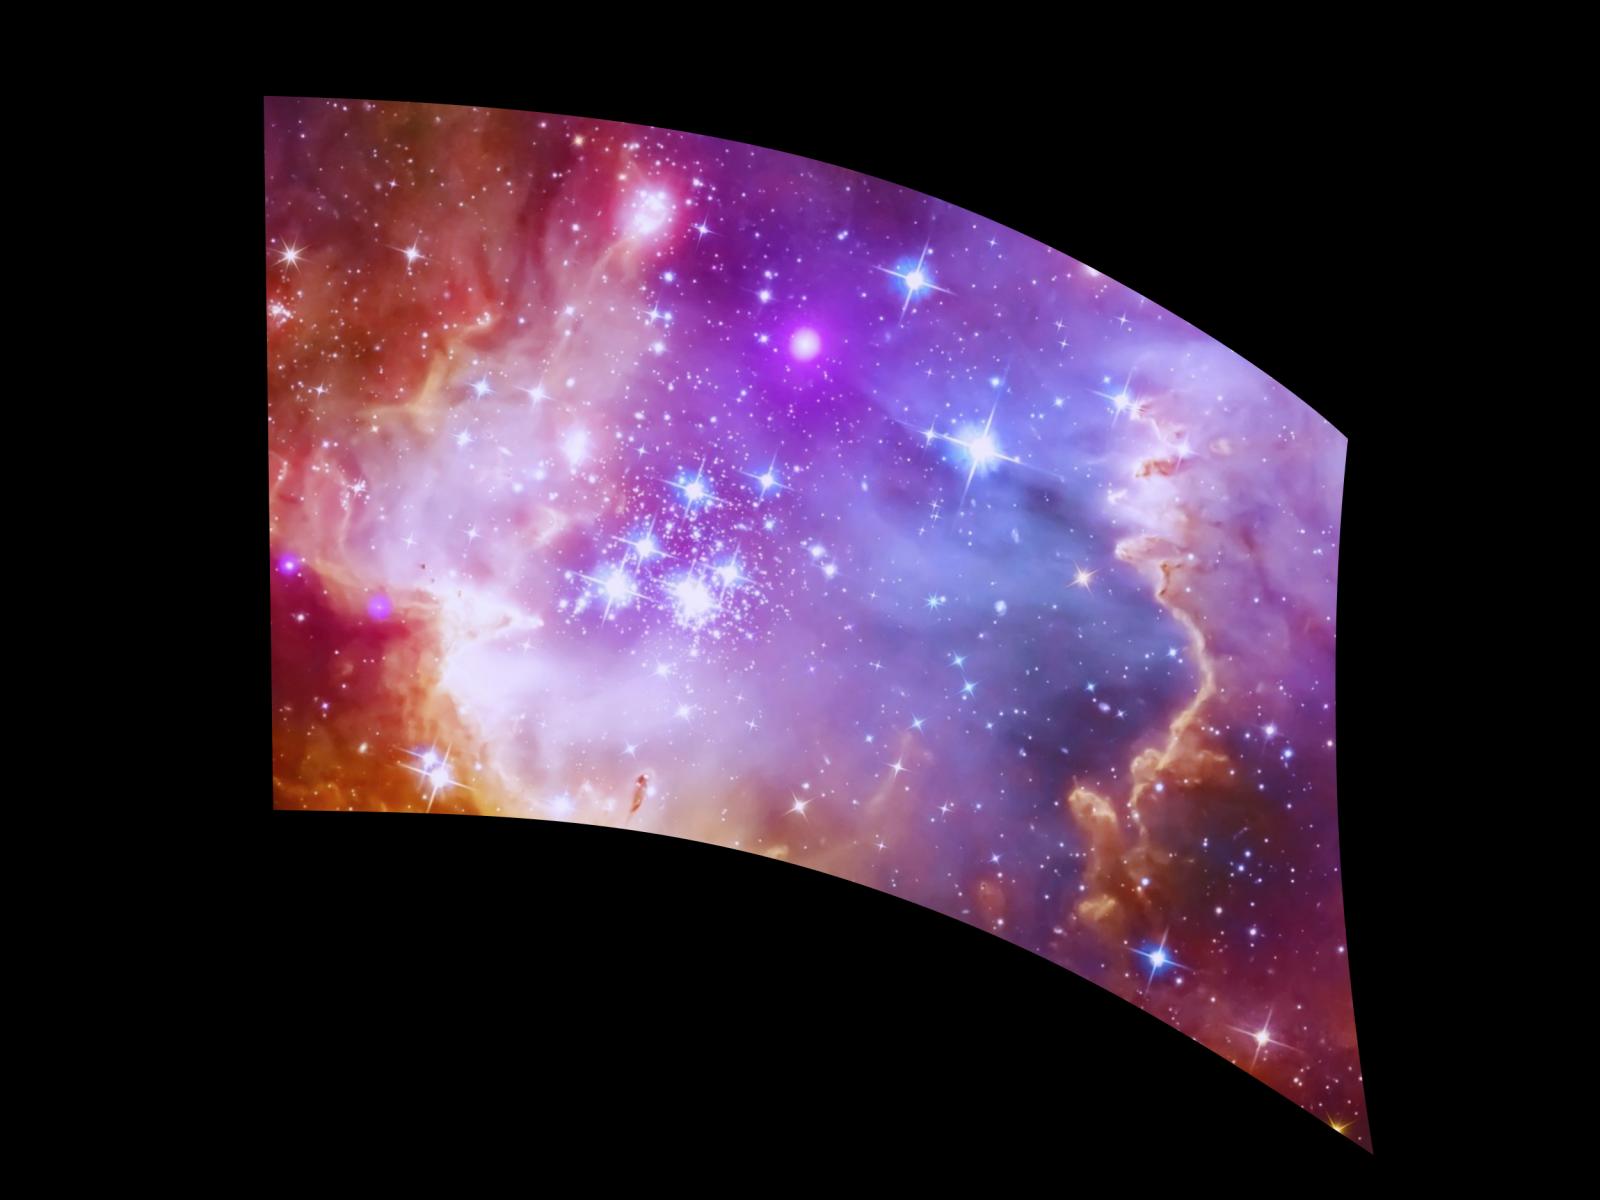 050205s - 36x54 Standard Beautiful Nebula